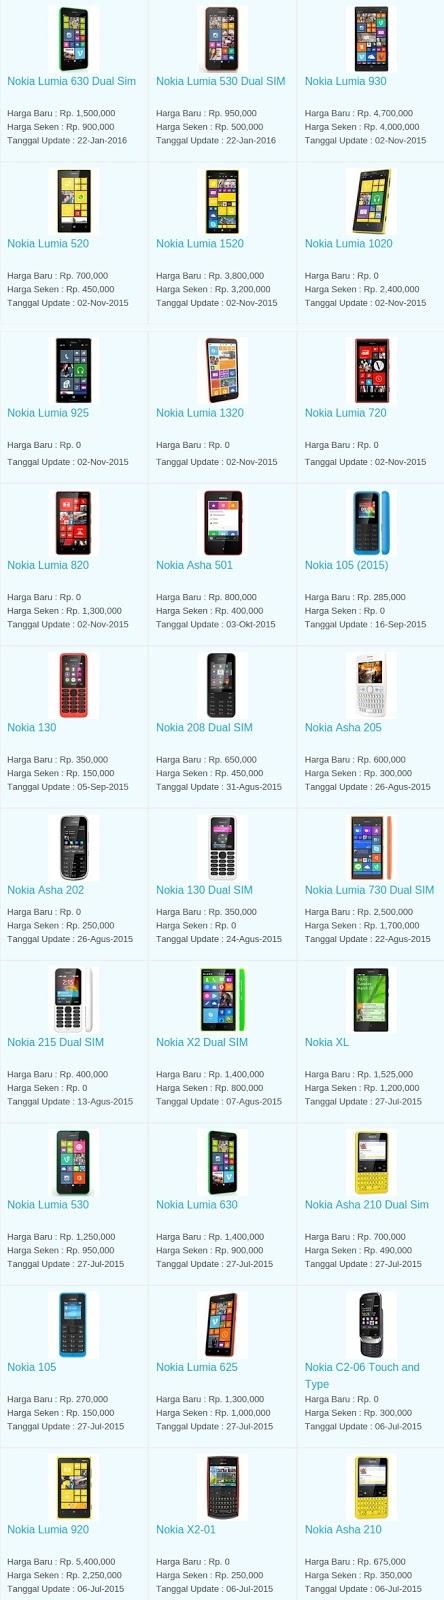 Daftar Harga Terbaru Hp Nokia April 2016